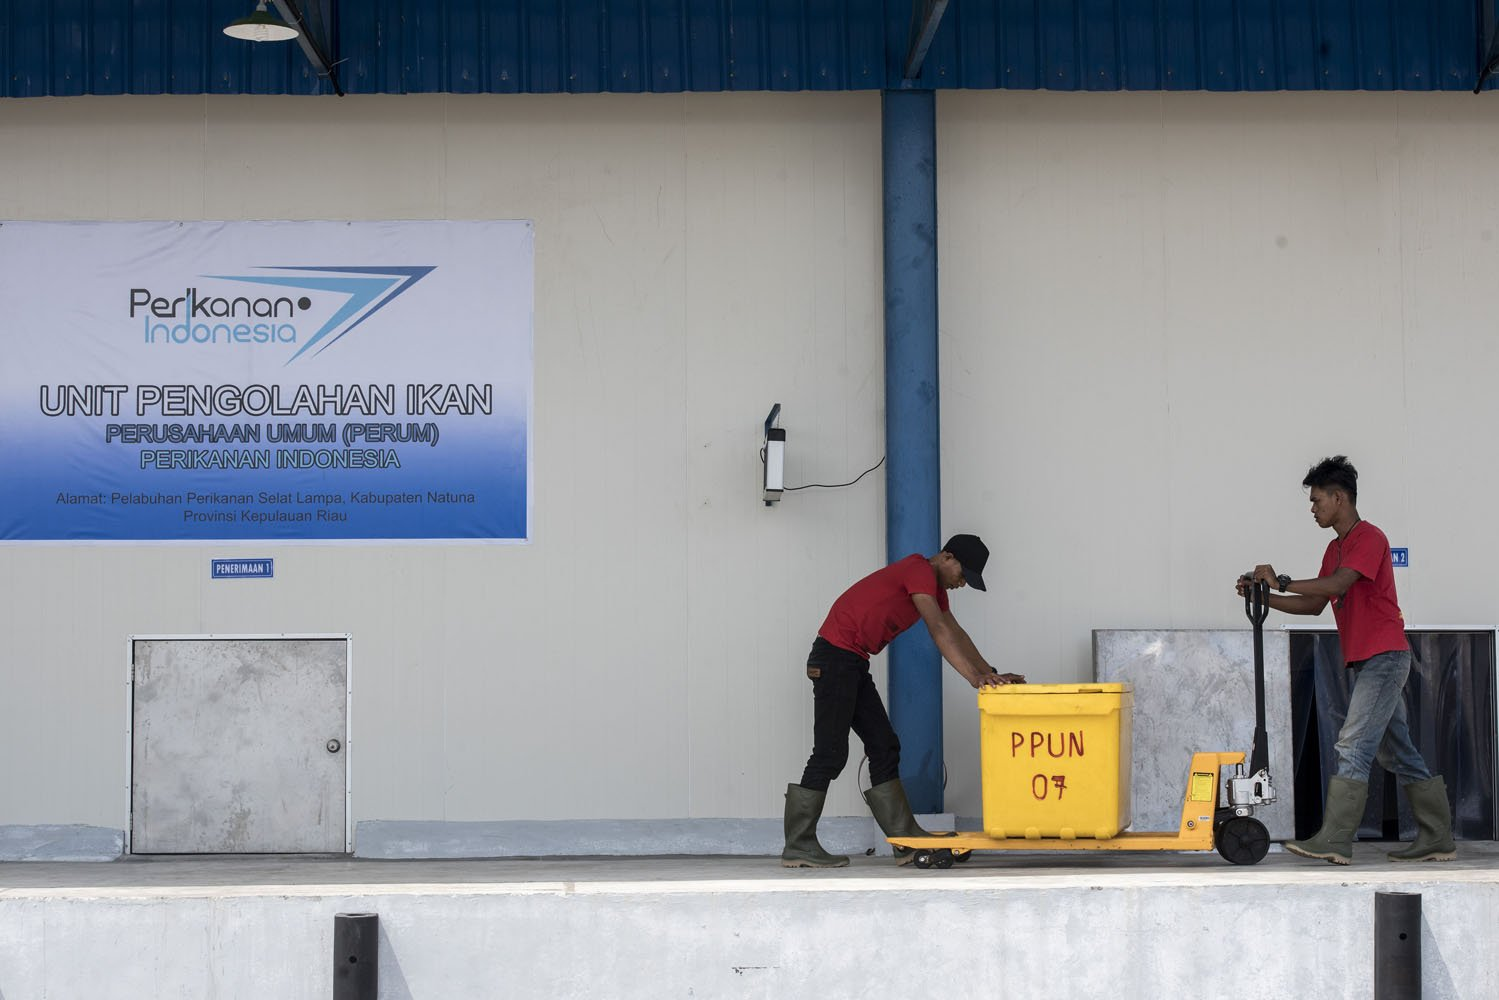 Pekerja membawa ikan menuju Cold Storage Unit Pengolahan Ikan Perum Perindo, Selat Lampa, Kabupaten Natuna, Kepulauan Riau, Kamis (3/8).